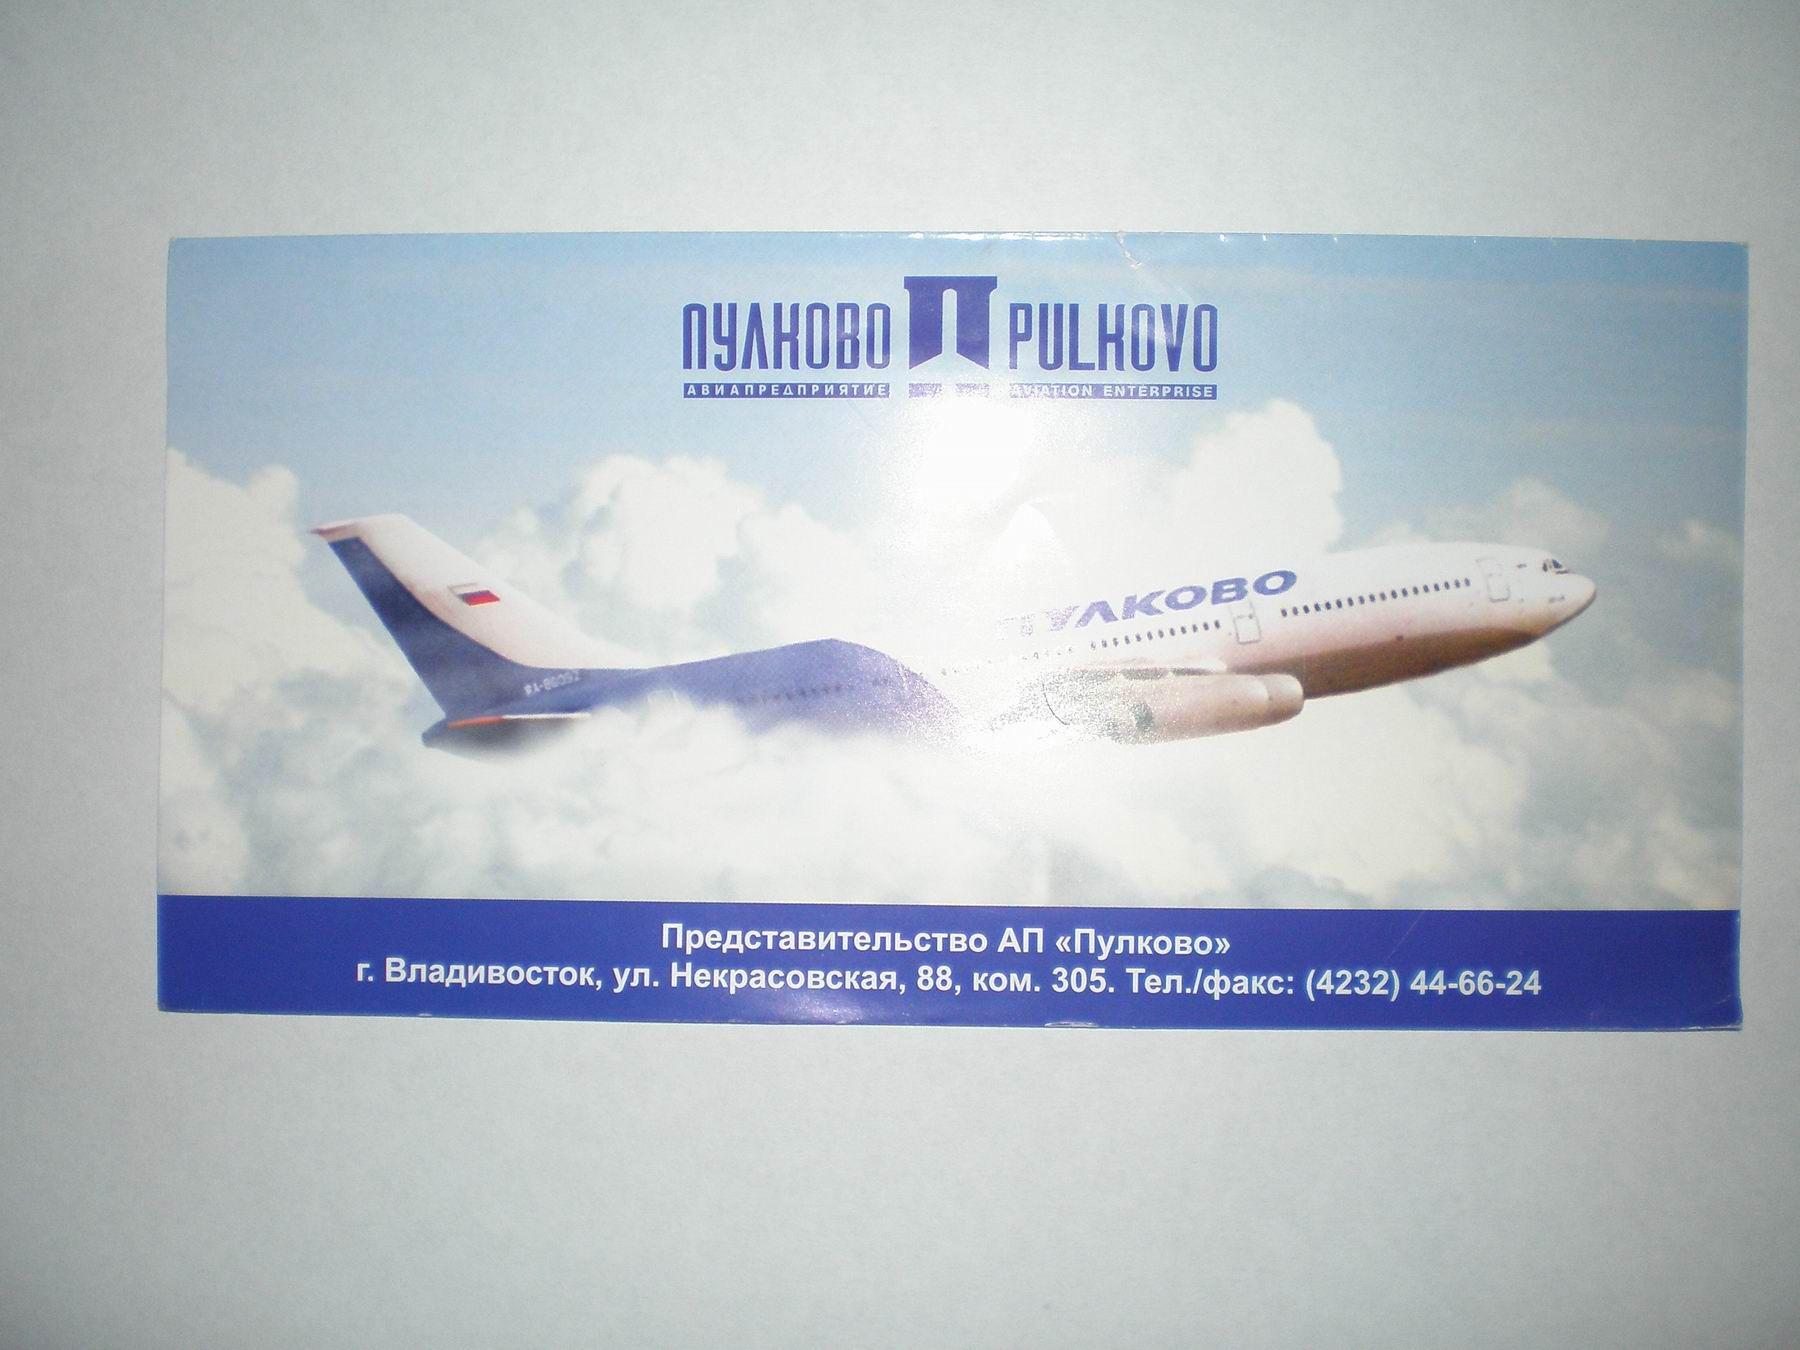 Иркутск билет 0.JPG